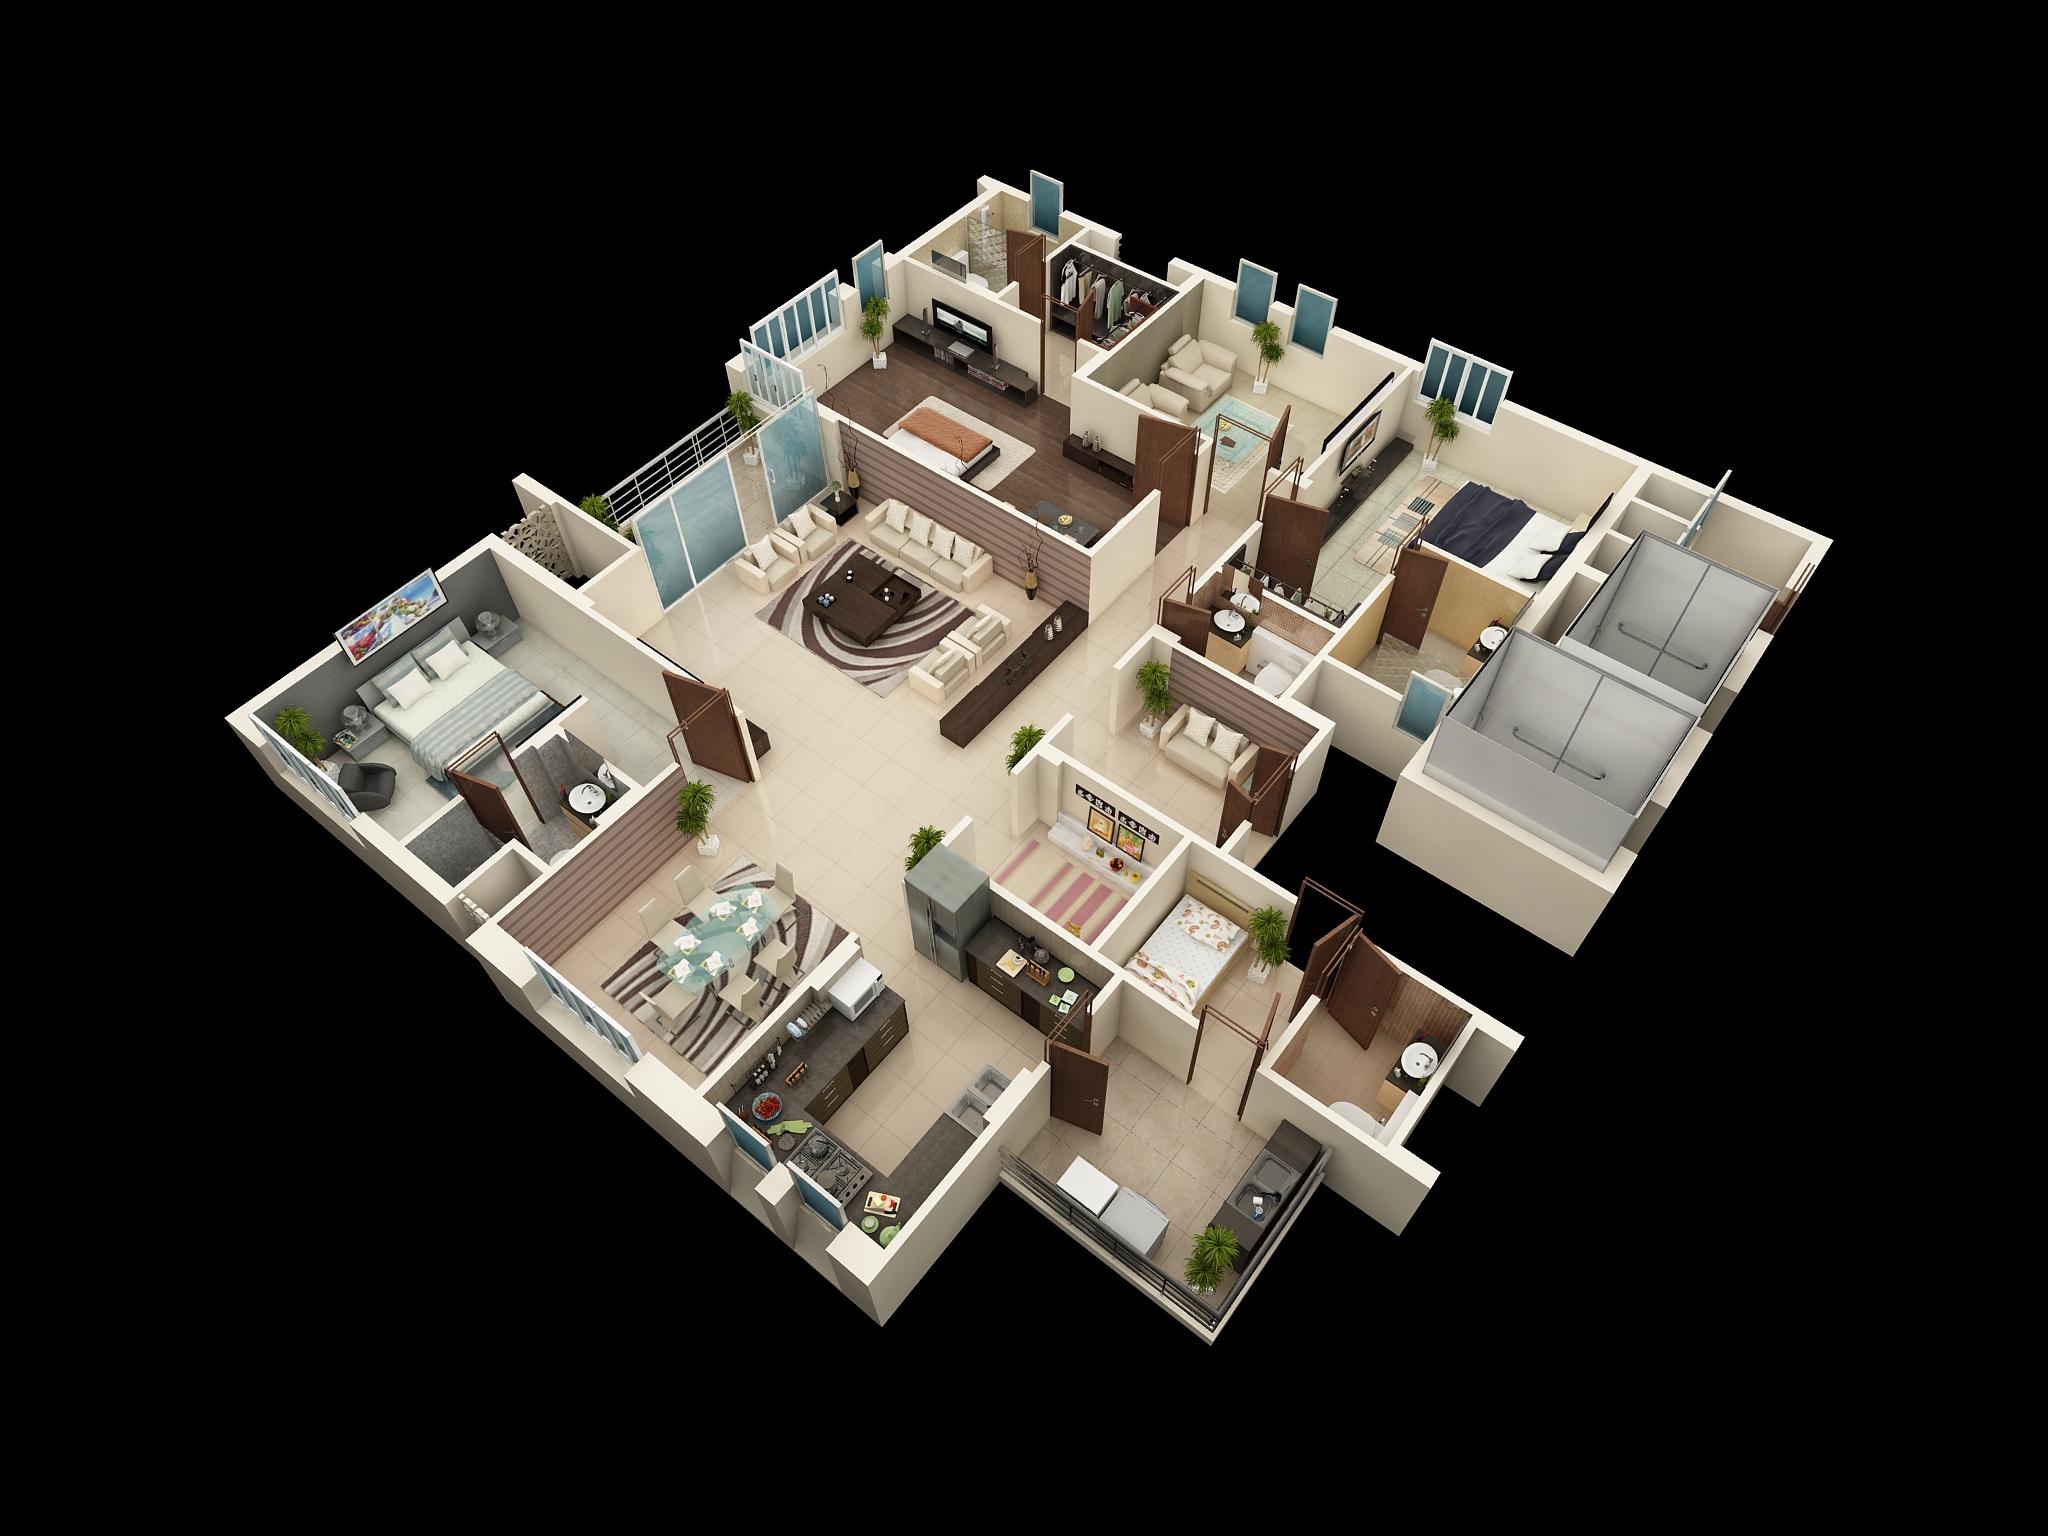 eminence layout 04_cam_02